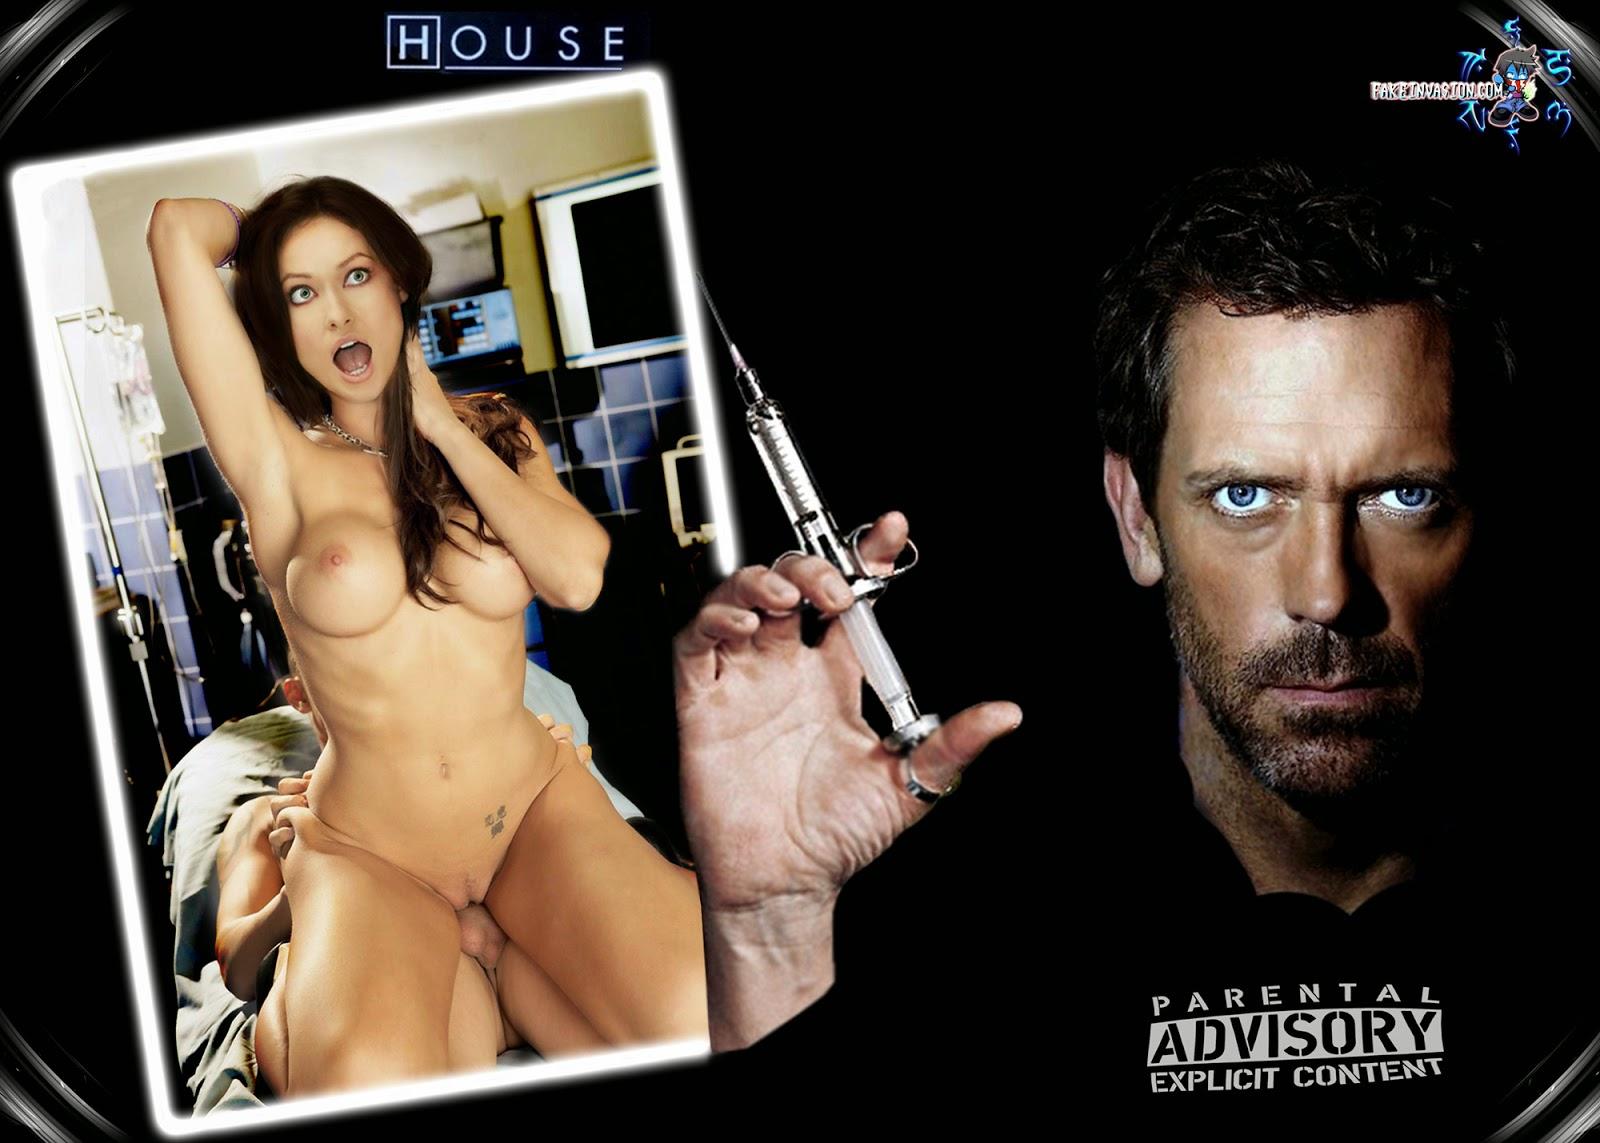 porno-house